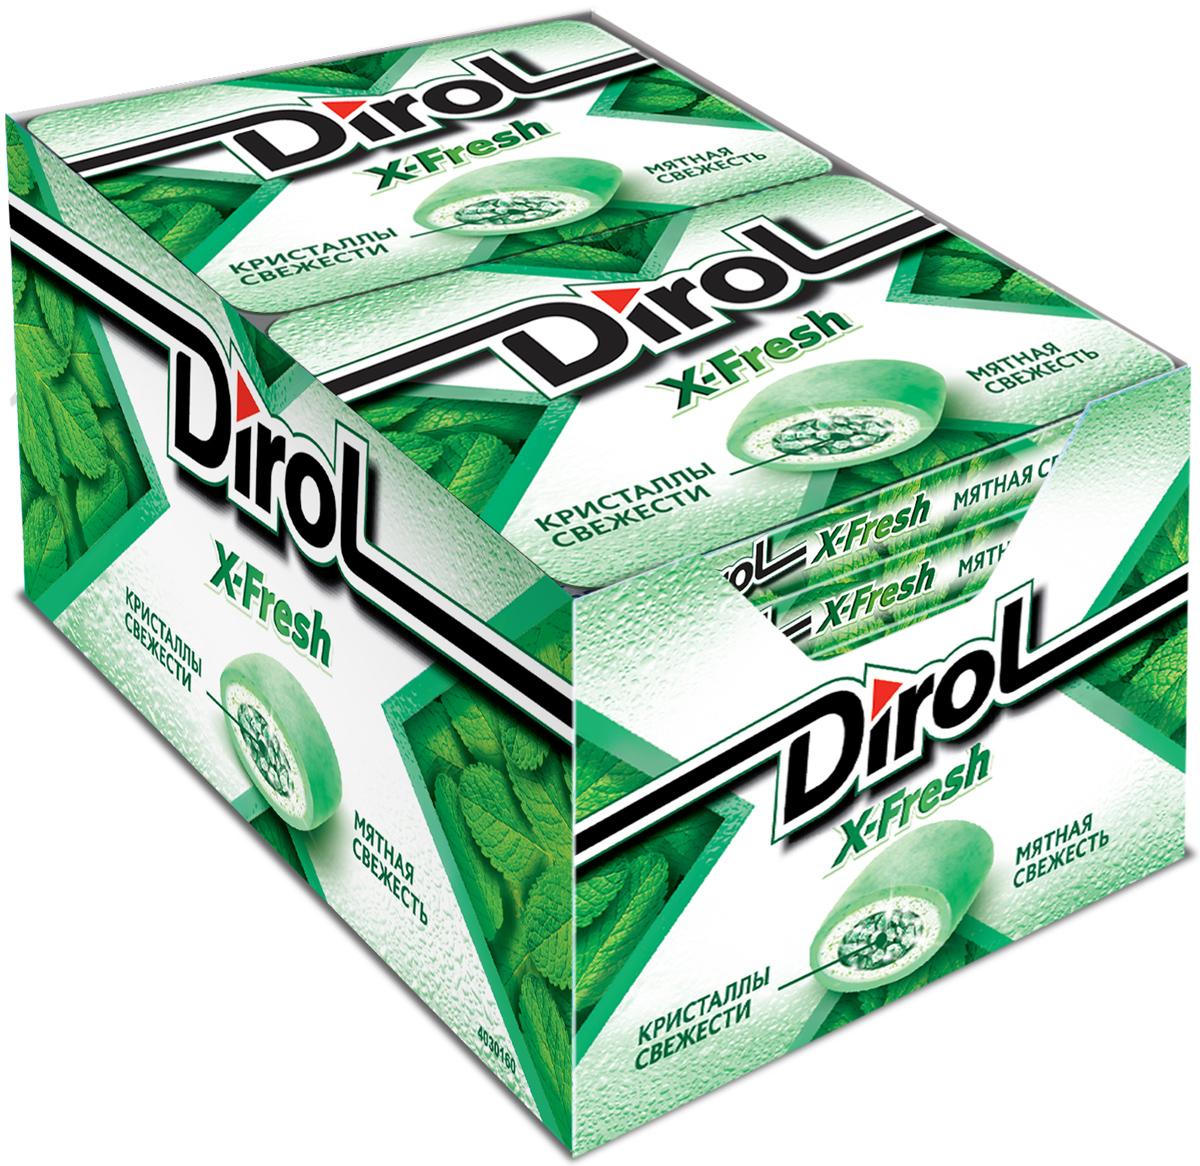 """Dirol X-Fresh Жевательная резинка """"Мятная Свежесть"""" без сахара, 12 пачек по 16 г 976071, 0972602, 0645865, 0671352"""